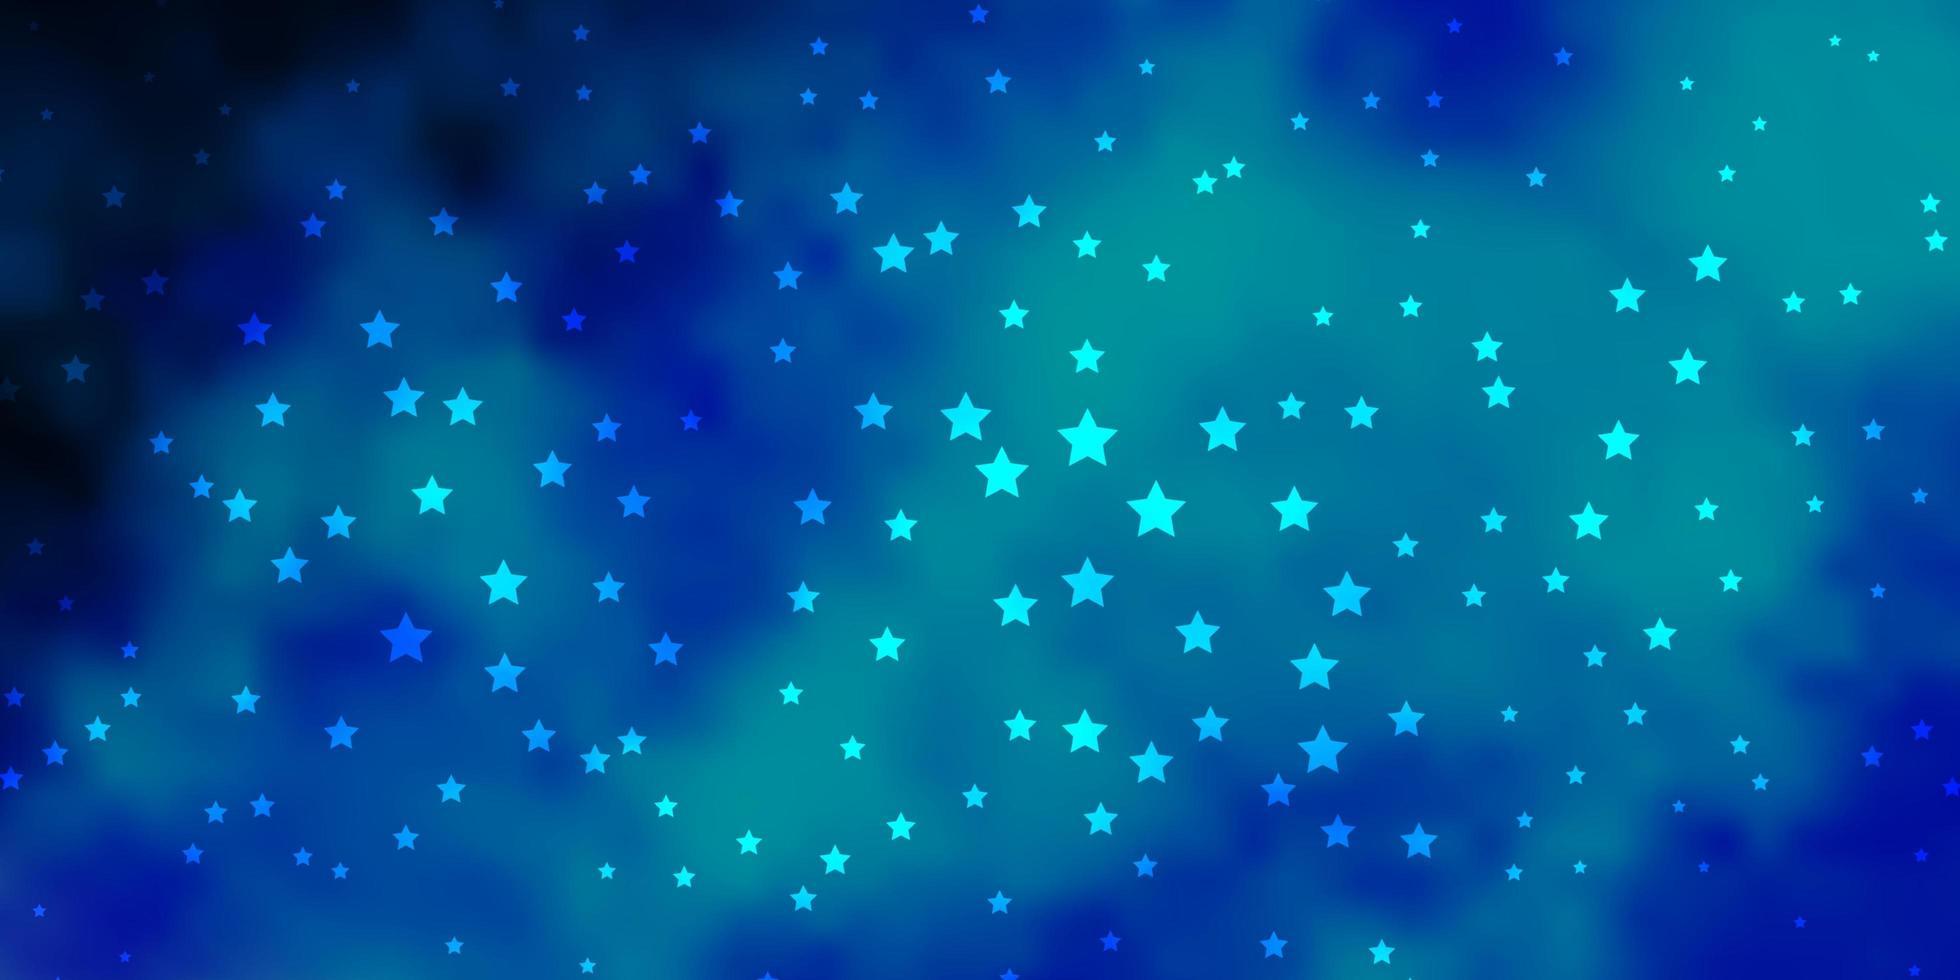 modello vettoriale blu scuro con stelle astratte.